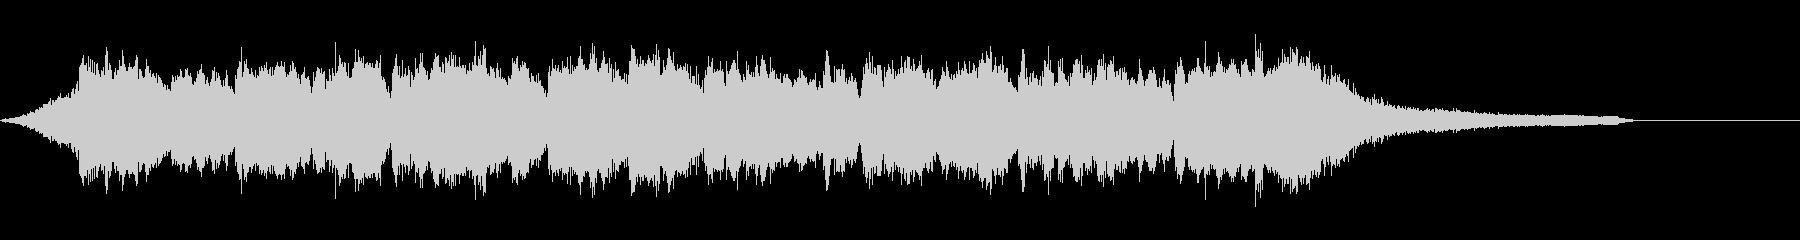 企業VP映像、176オーケストラ、爽快Sの未再生の波形